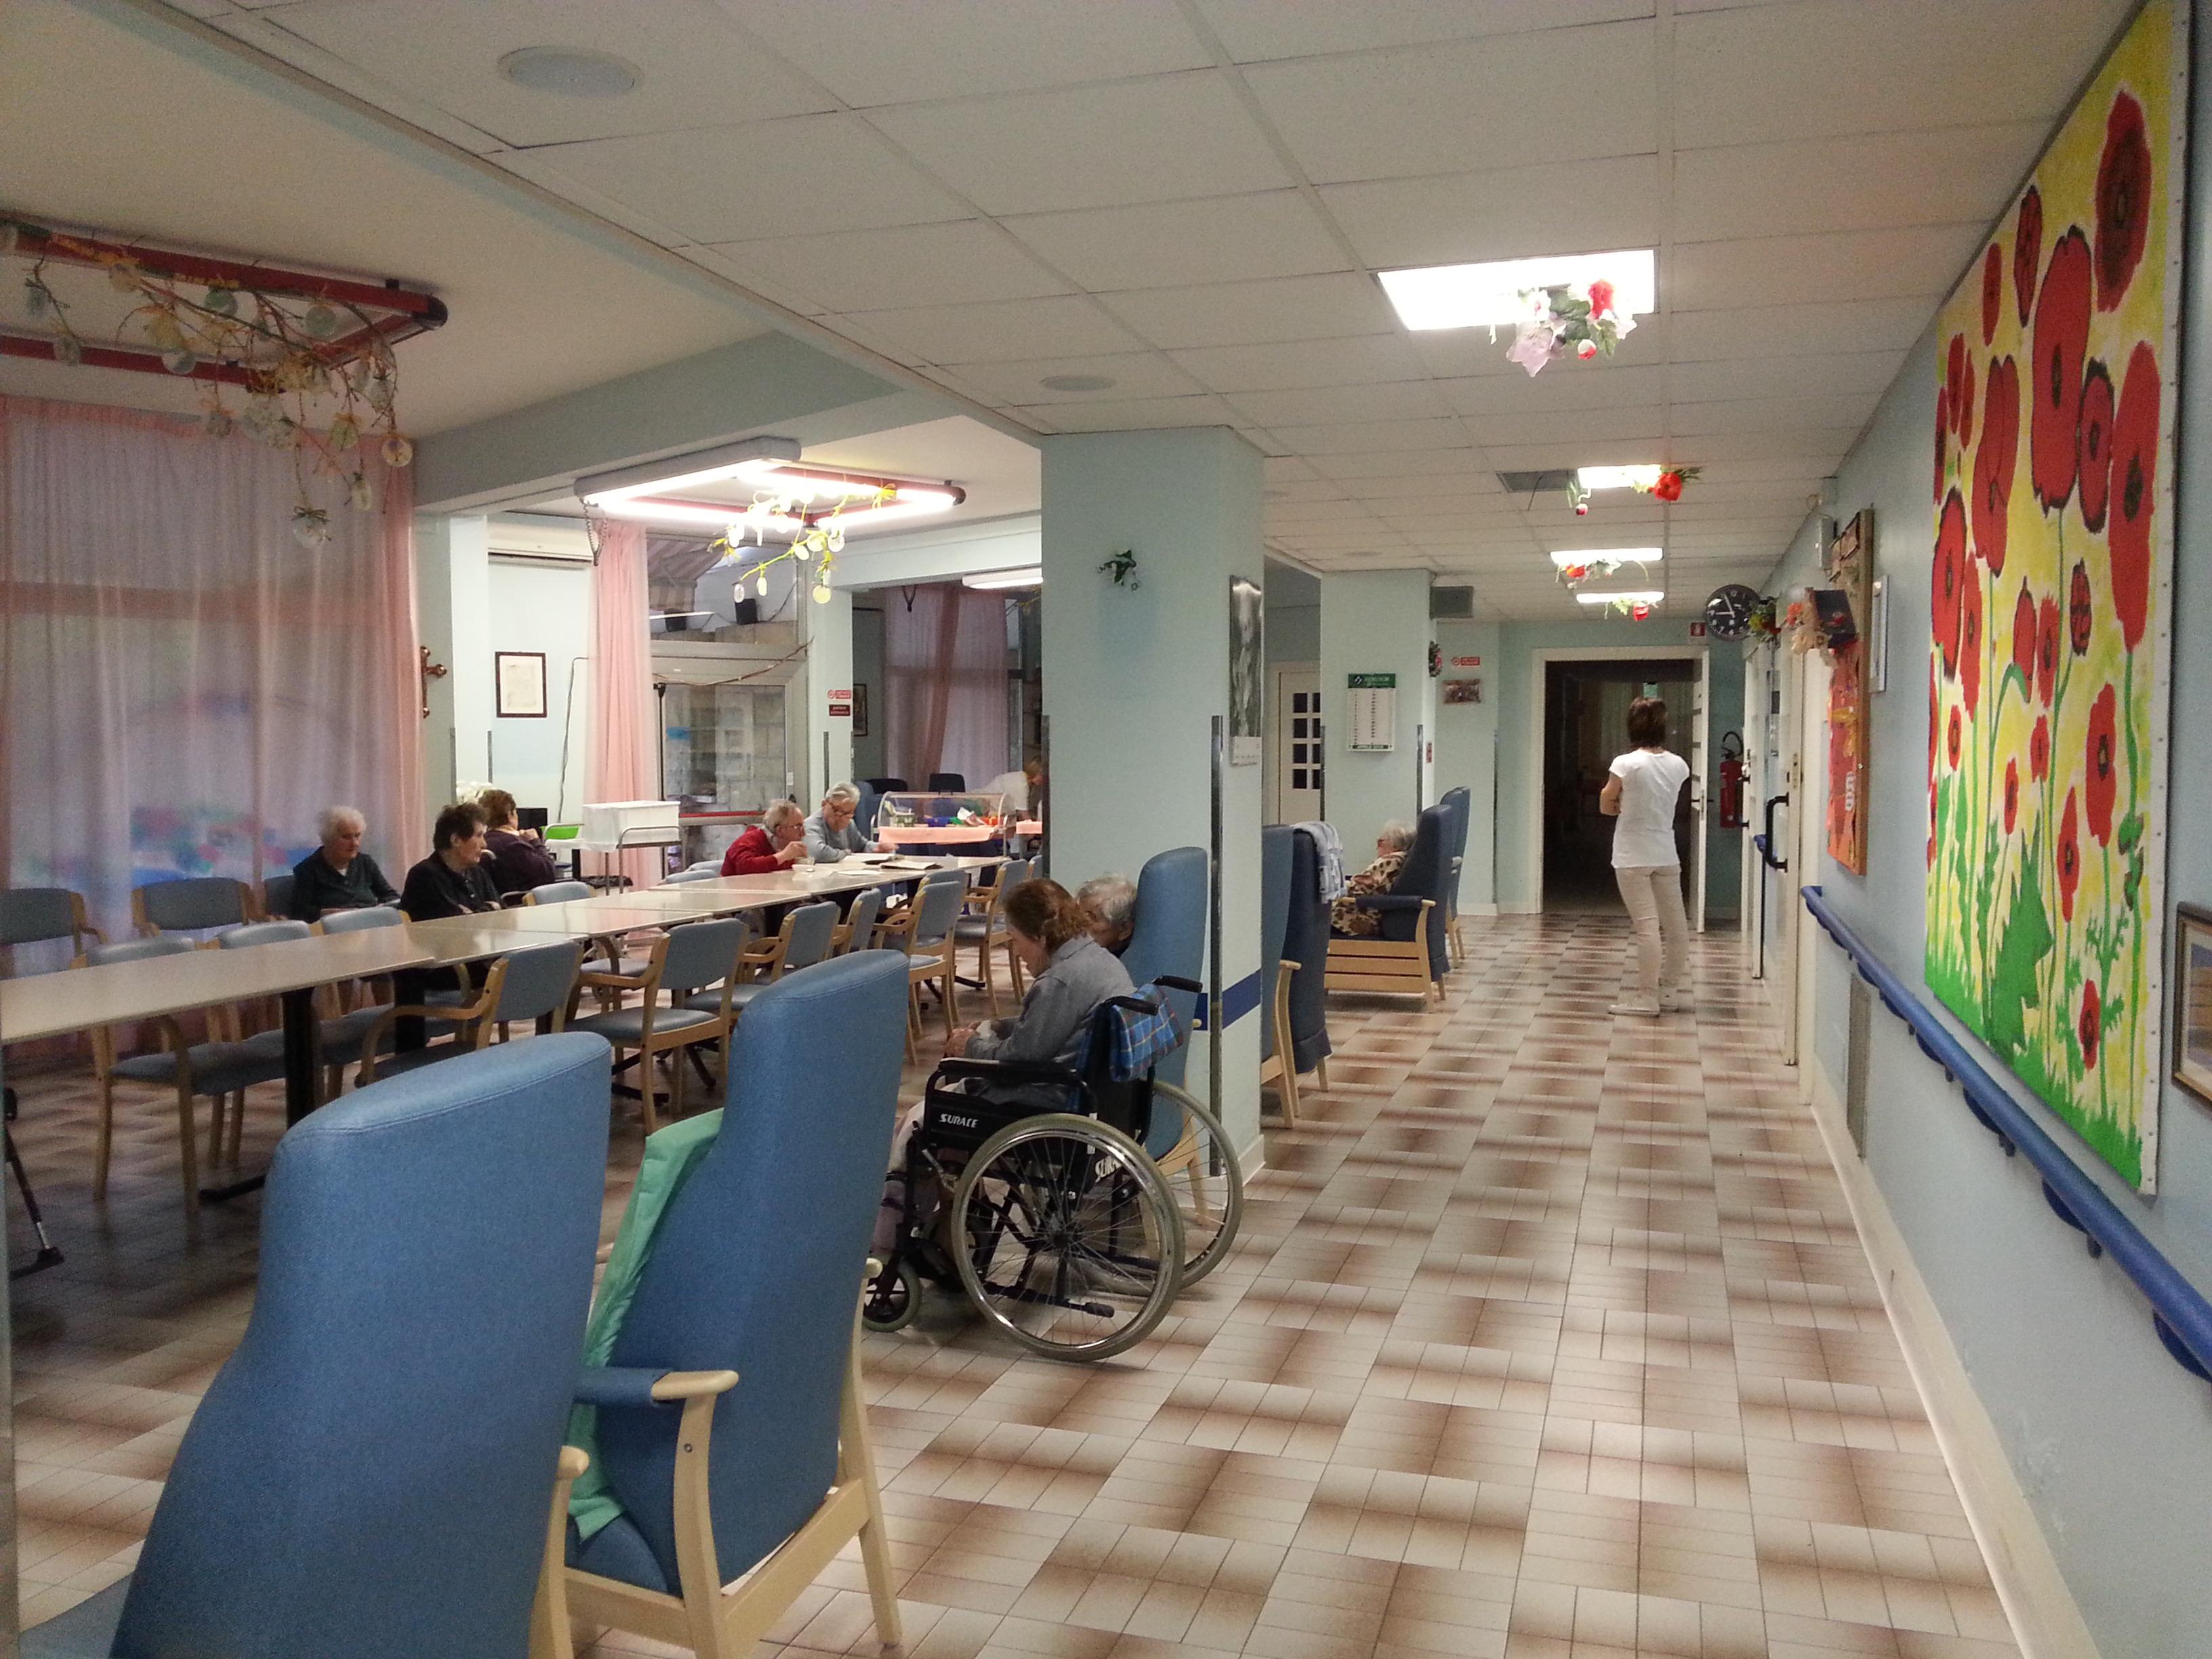 Iss istituto per la sicurezza sociale di san marino for Piani perfetti per la casa di riposo